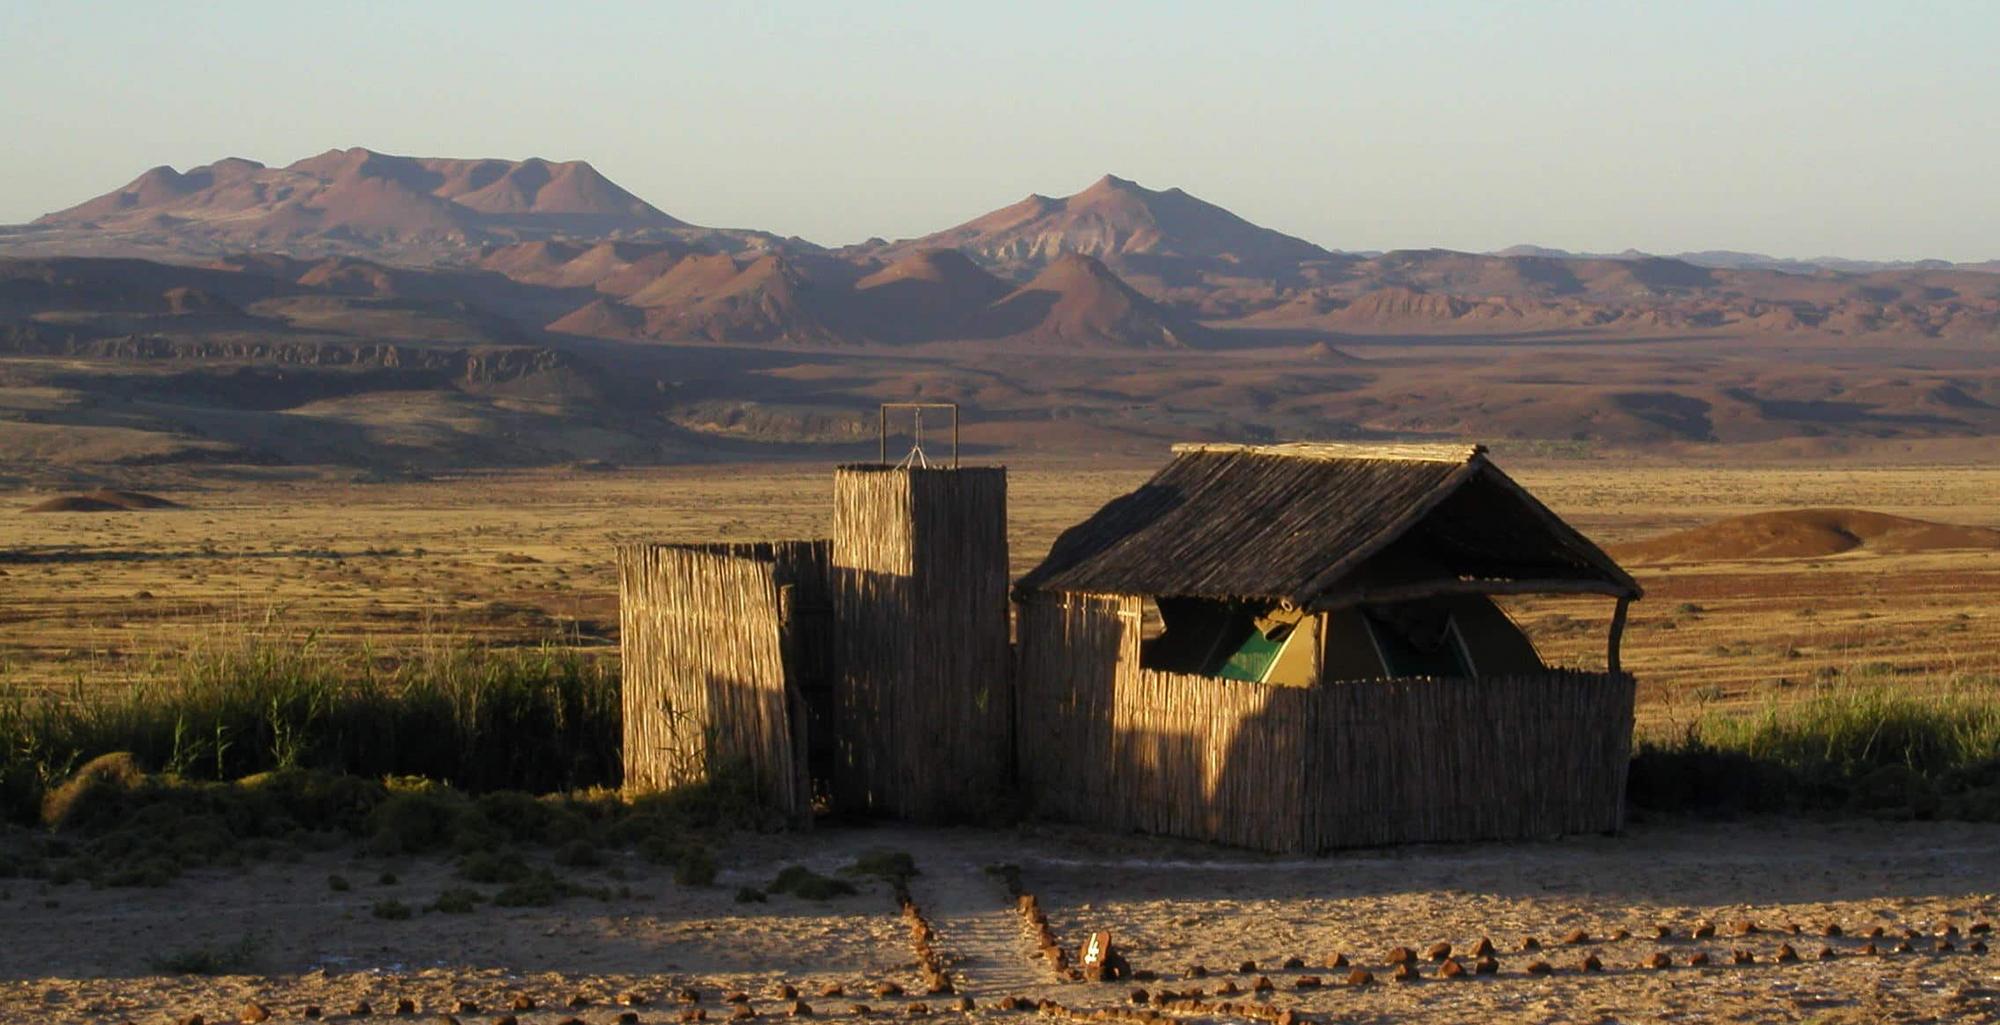 Namibia-Skeleton-Coast-Safari-Tent-Exterior